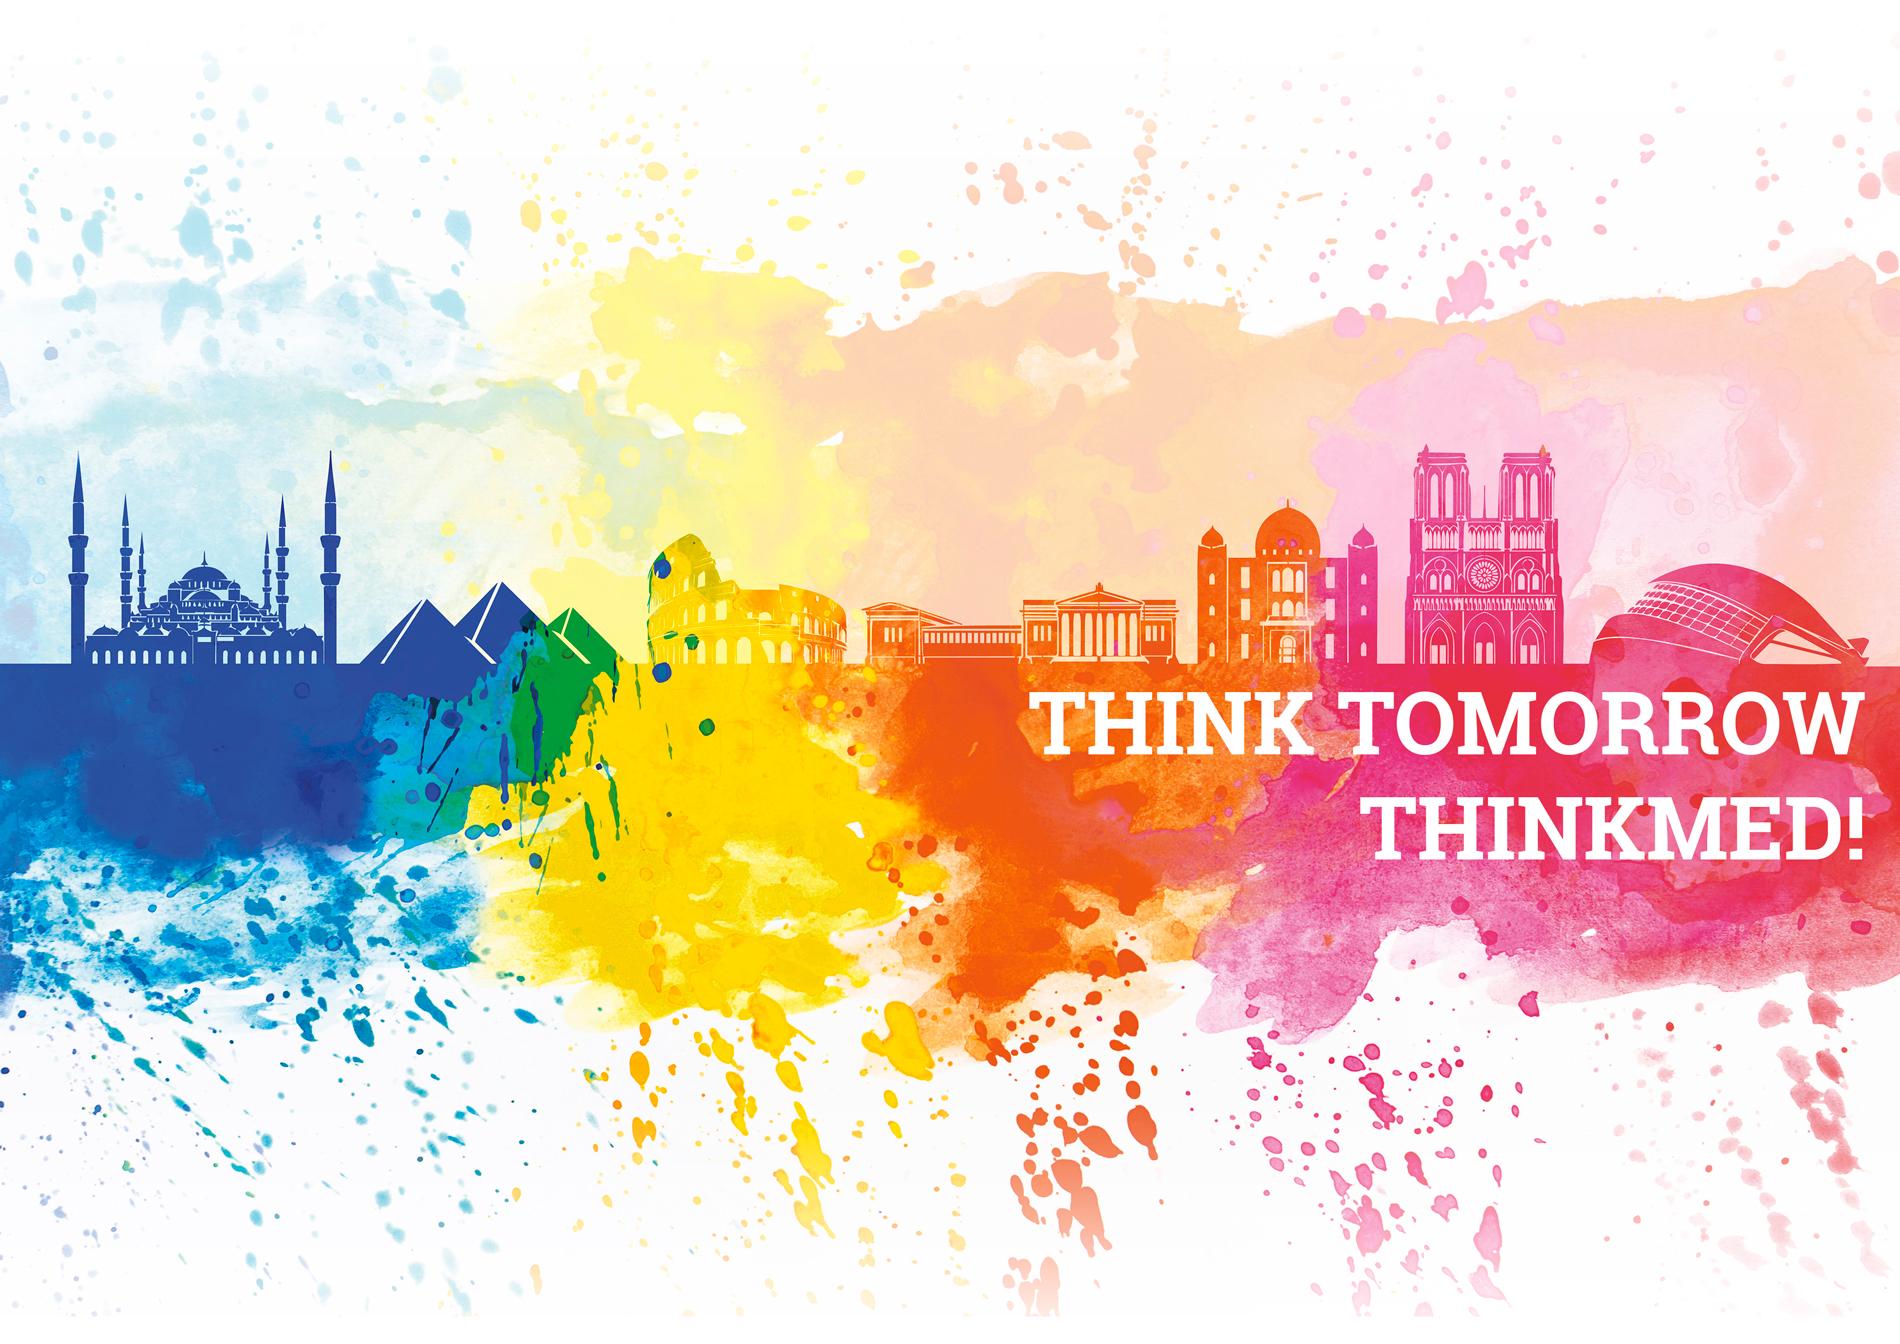 Report della I° edizione del concorso Thinkmed